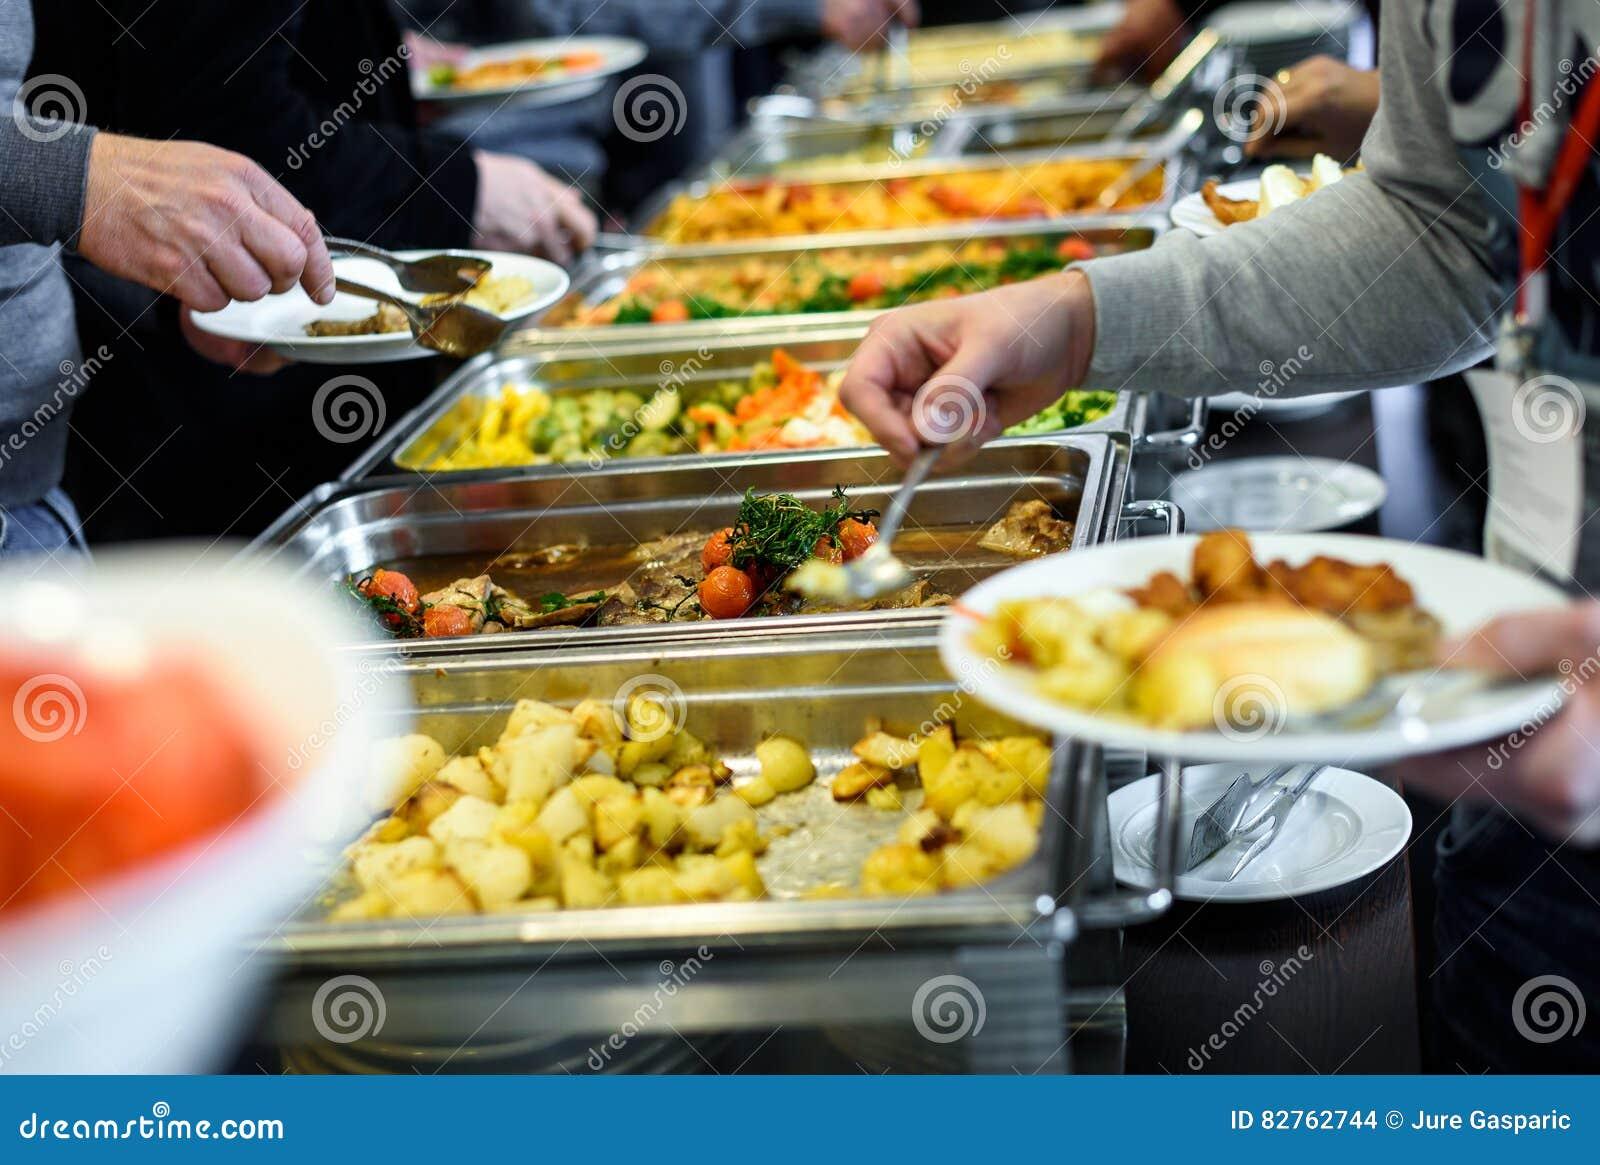 Kuchnia Kulinarnego bufeta Obiadowy catering Łomota Karmowego świętowanie